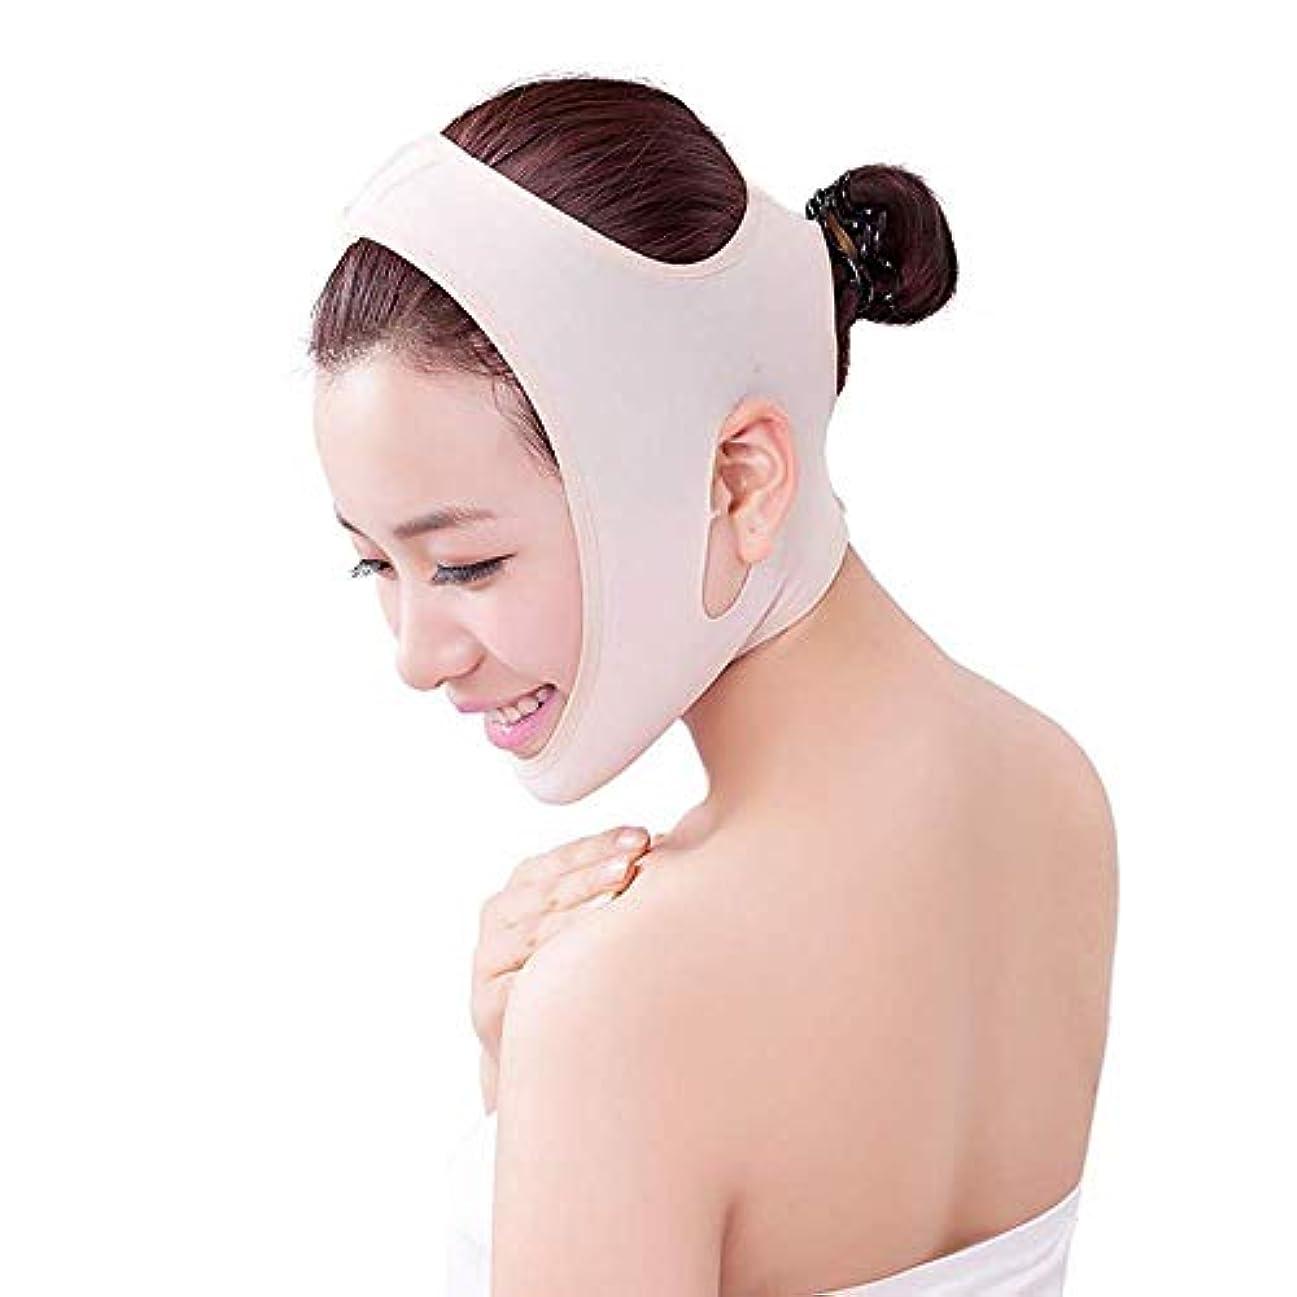 ベンチできた残高薄型フェイスベルト - 男性用および女性用の包帯をフランスの顔用リフティングマスク器具に引き締める薄型フェイスVフェイス薄型ダブルチンフェイスリフティングベルト(サイズ:M),L